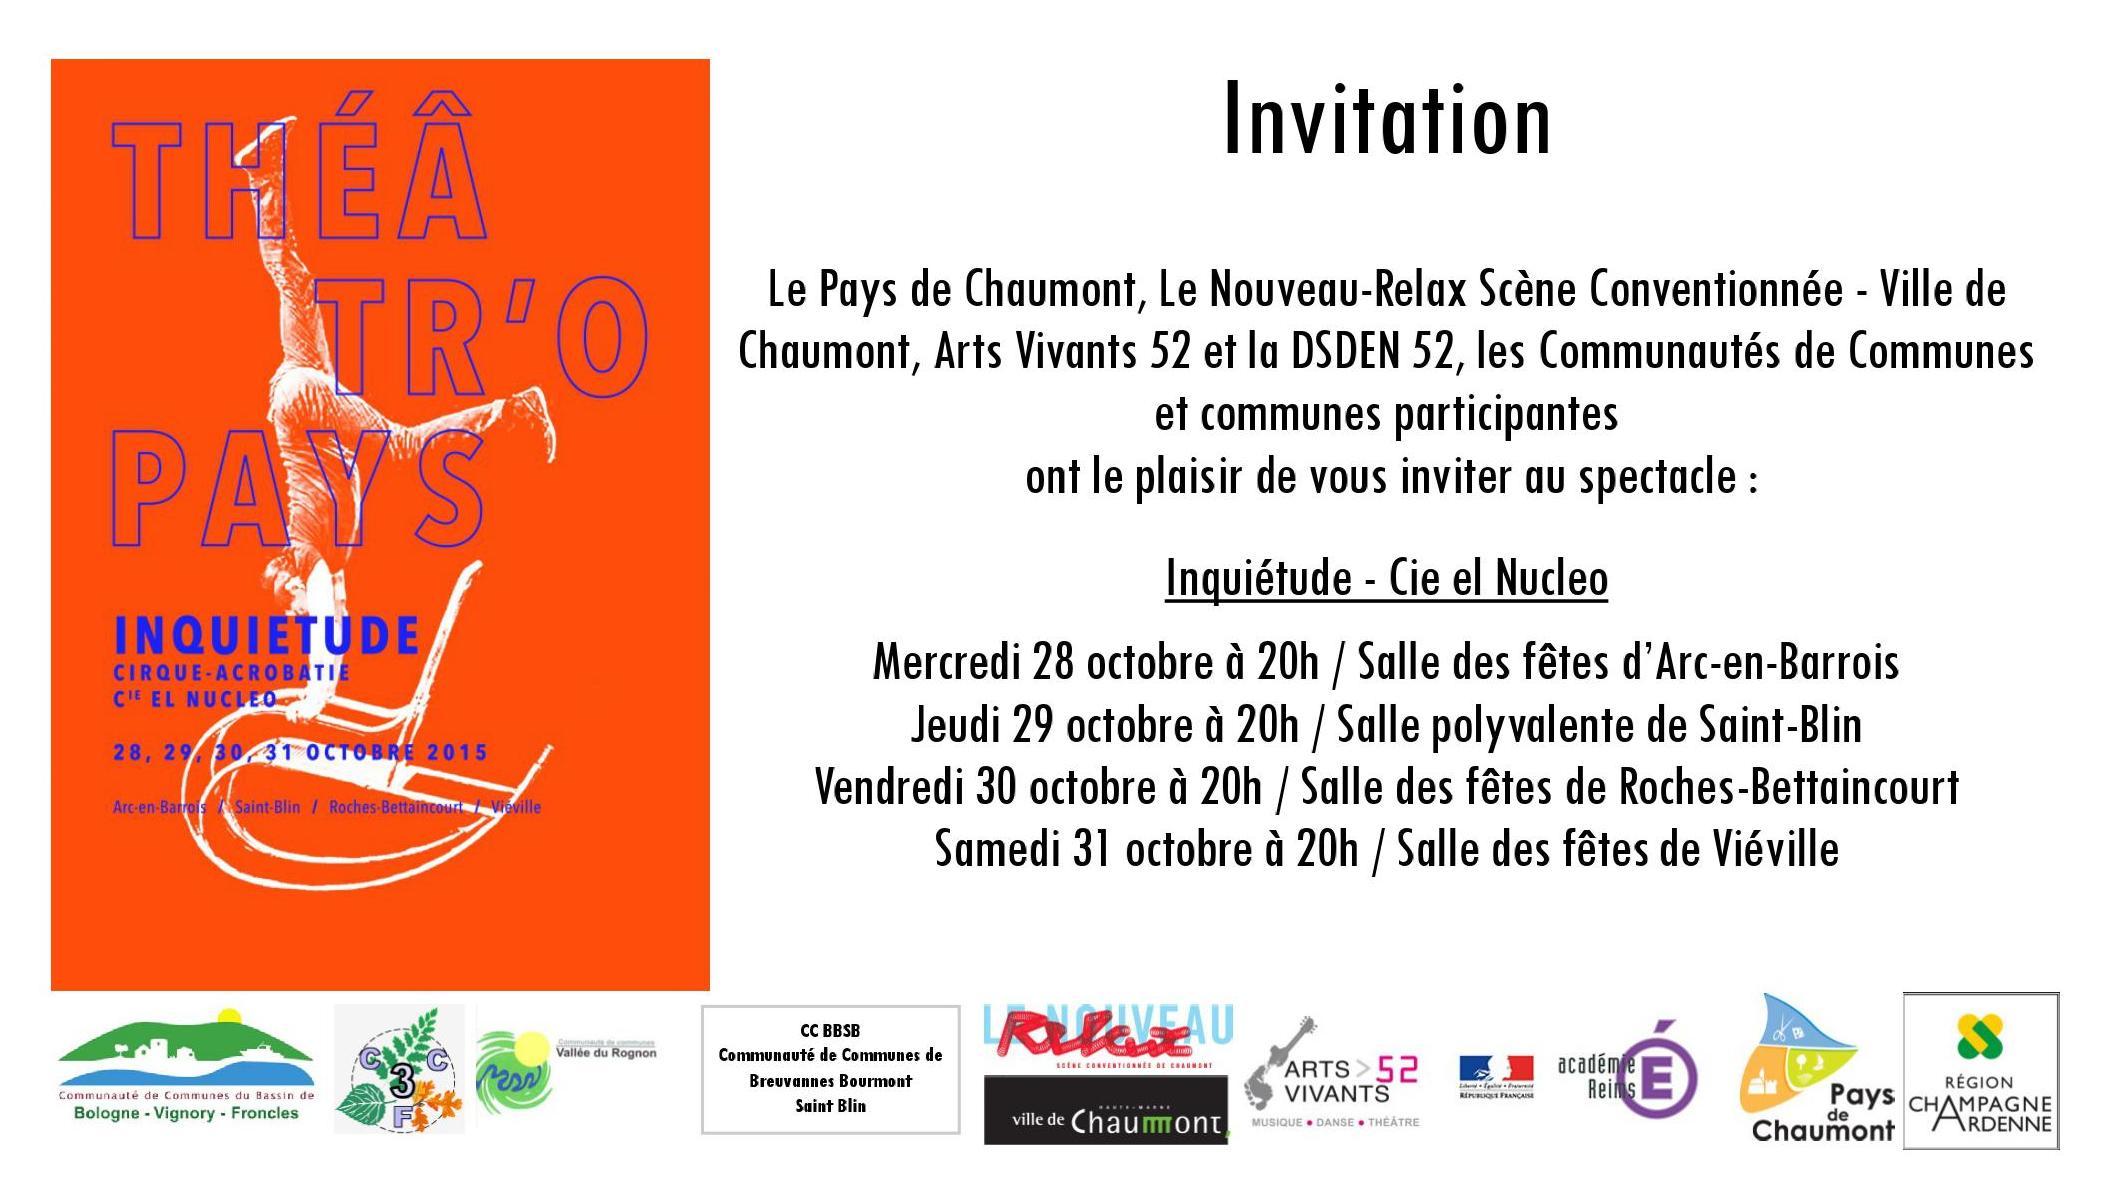 Invitation_Théâtropays_Inquiétude_ElNucleo